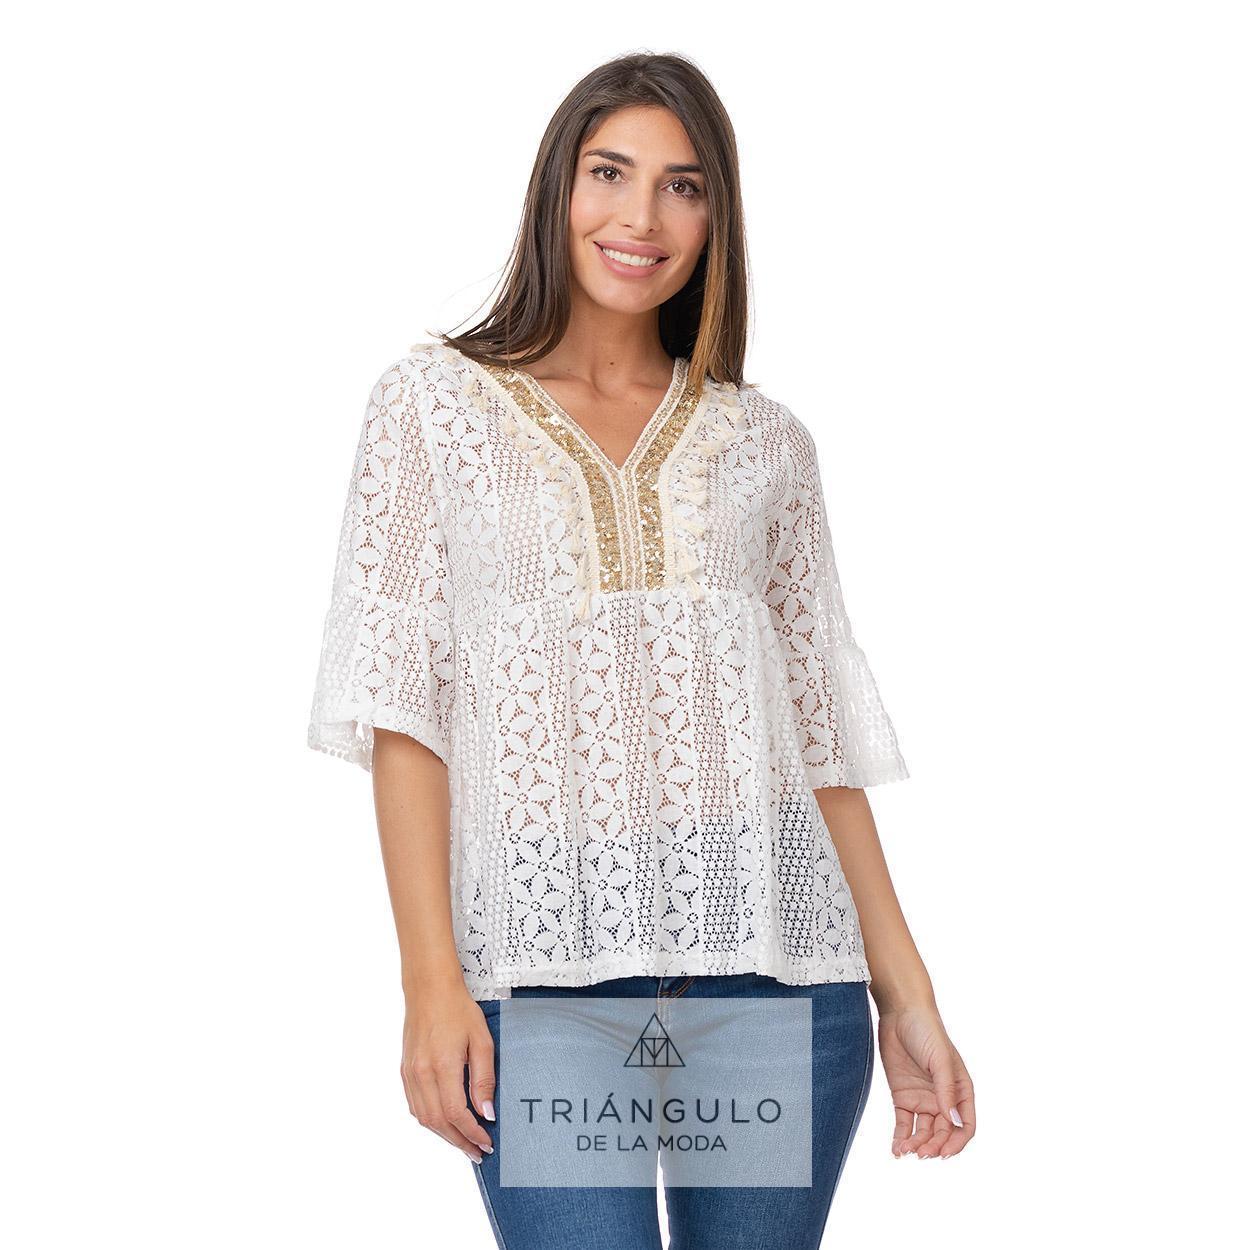 Tienda online del Triangulo de la Moda CASACA BOHO CHIC CON PAILLETTES